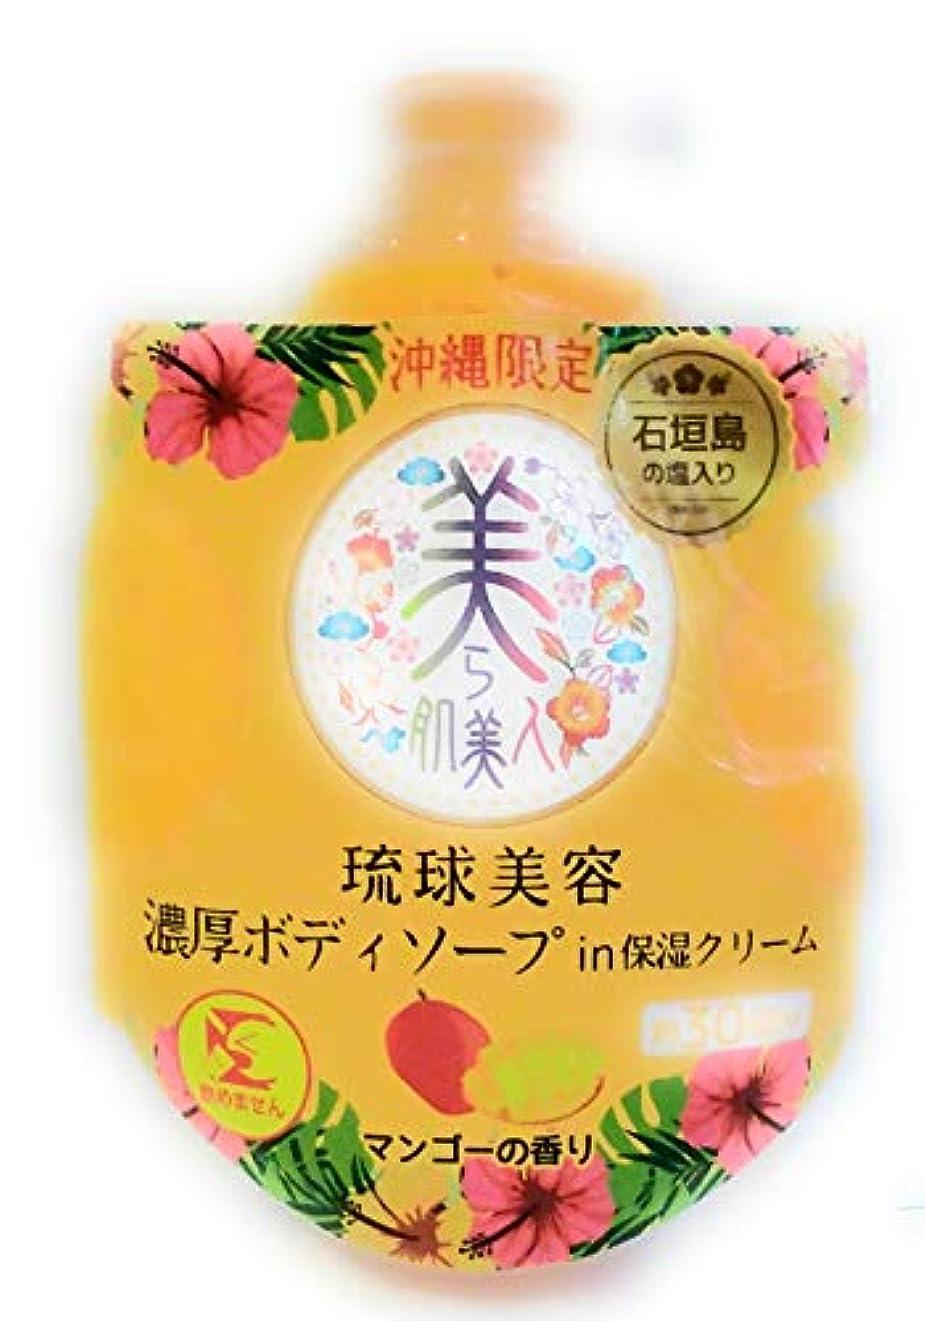 電報建てる大学生沖縄限定 美ら肌美人 琉球美容濃厚ボディソープin保湿クリーム マンゴーの香り